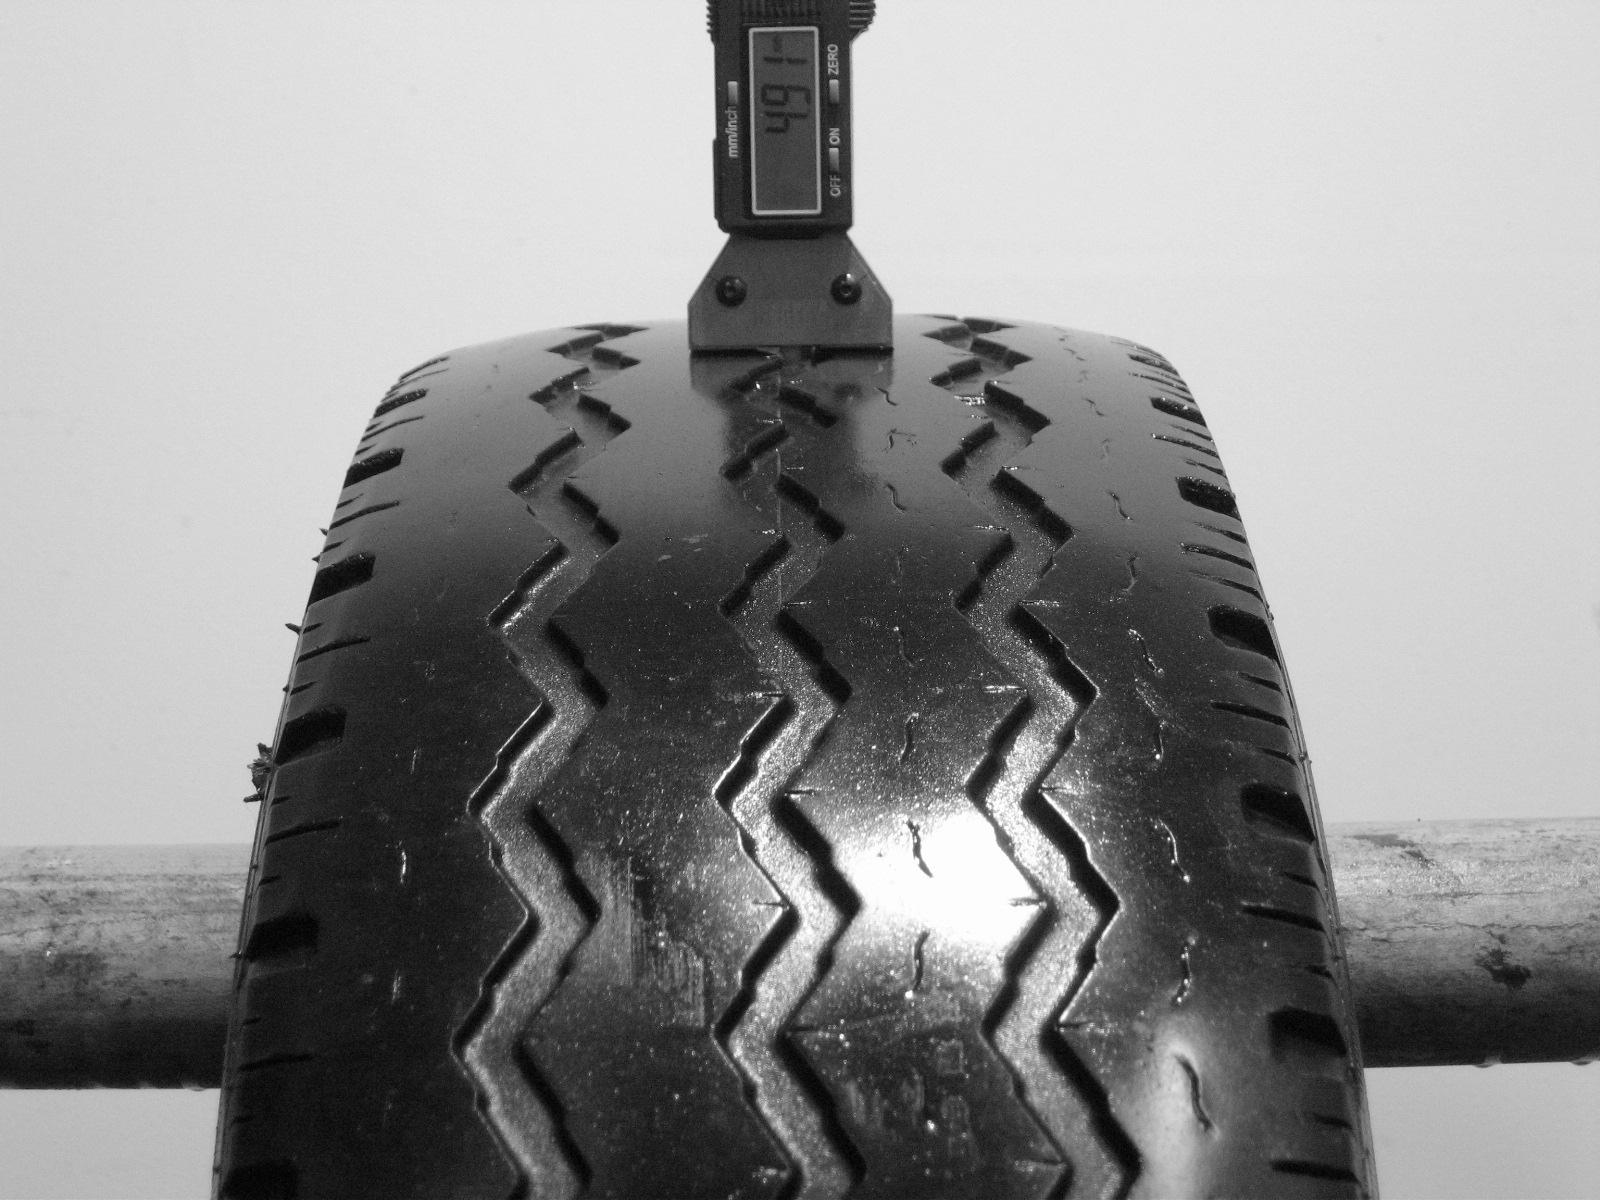 Použité-Pneu-Bazar - 205/65 R16 C MAXXIS VAN PRO-kusovka-rezerva 3mm